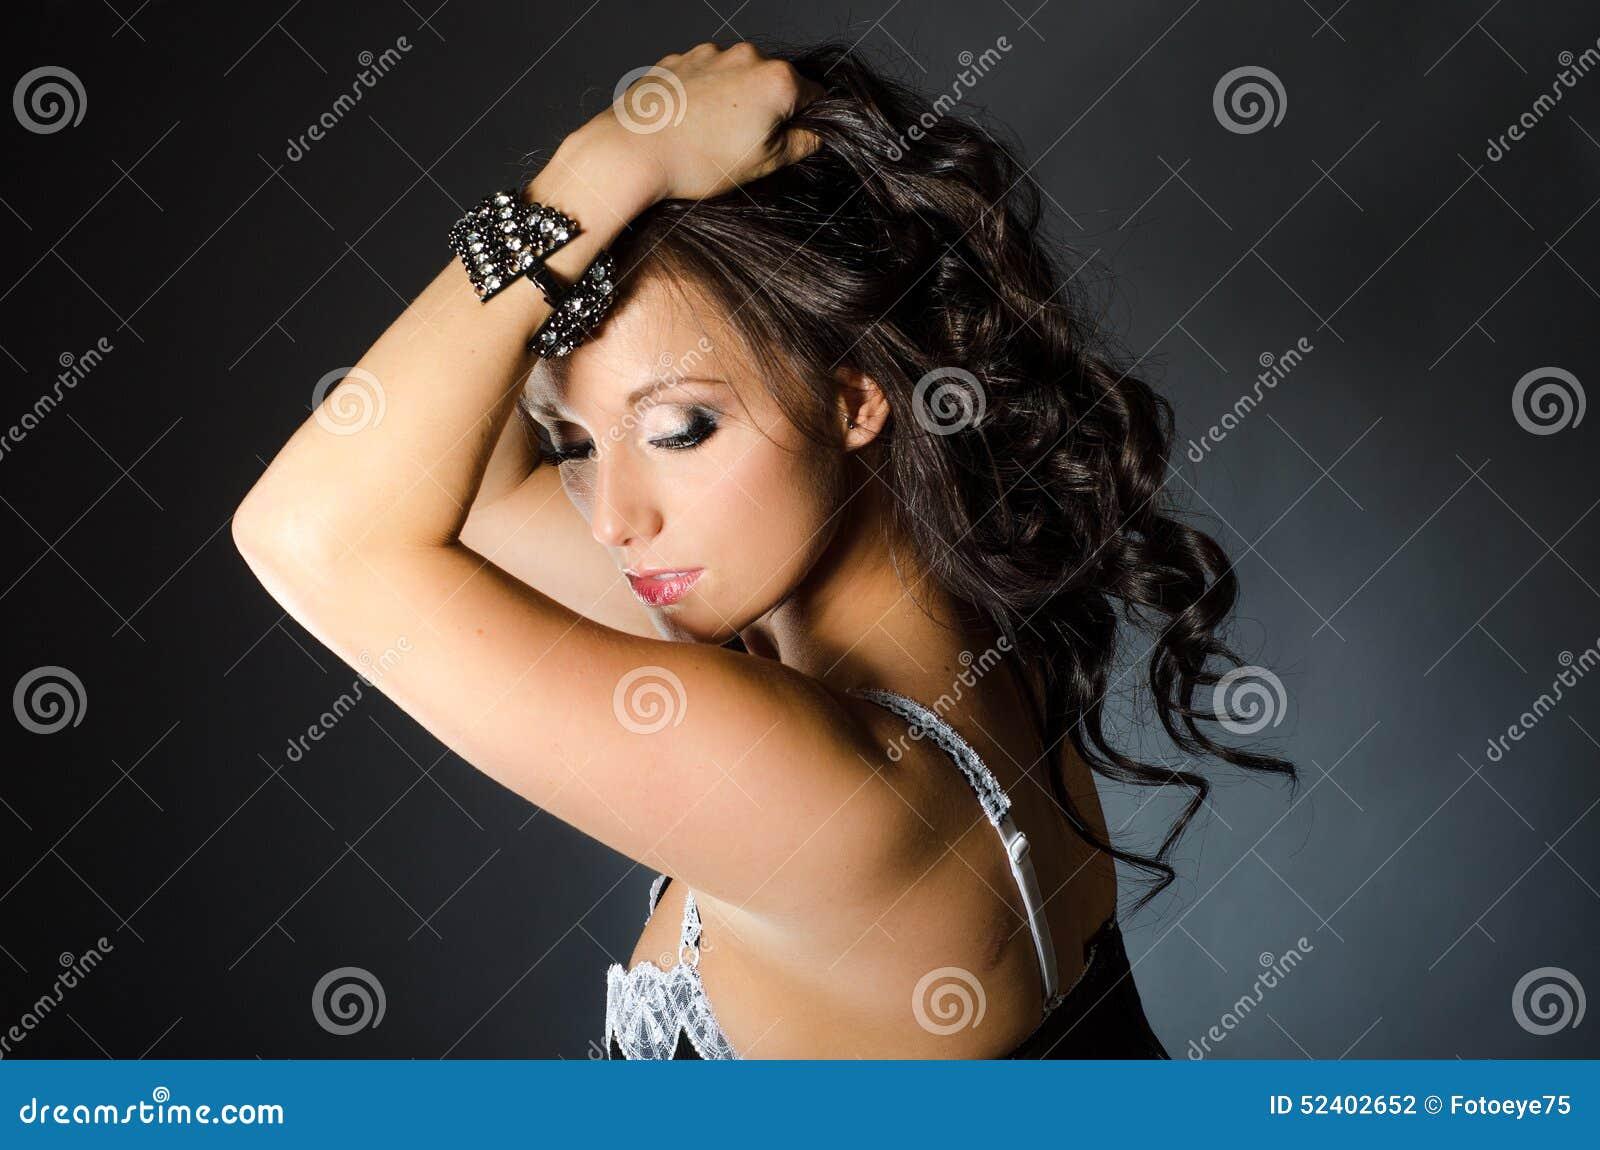 Amateur lesbian with dildo